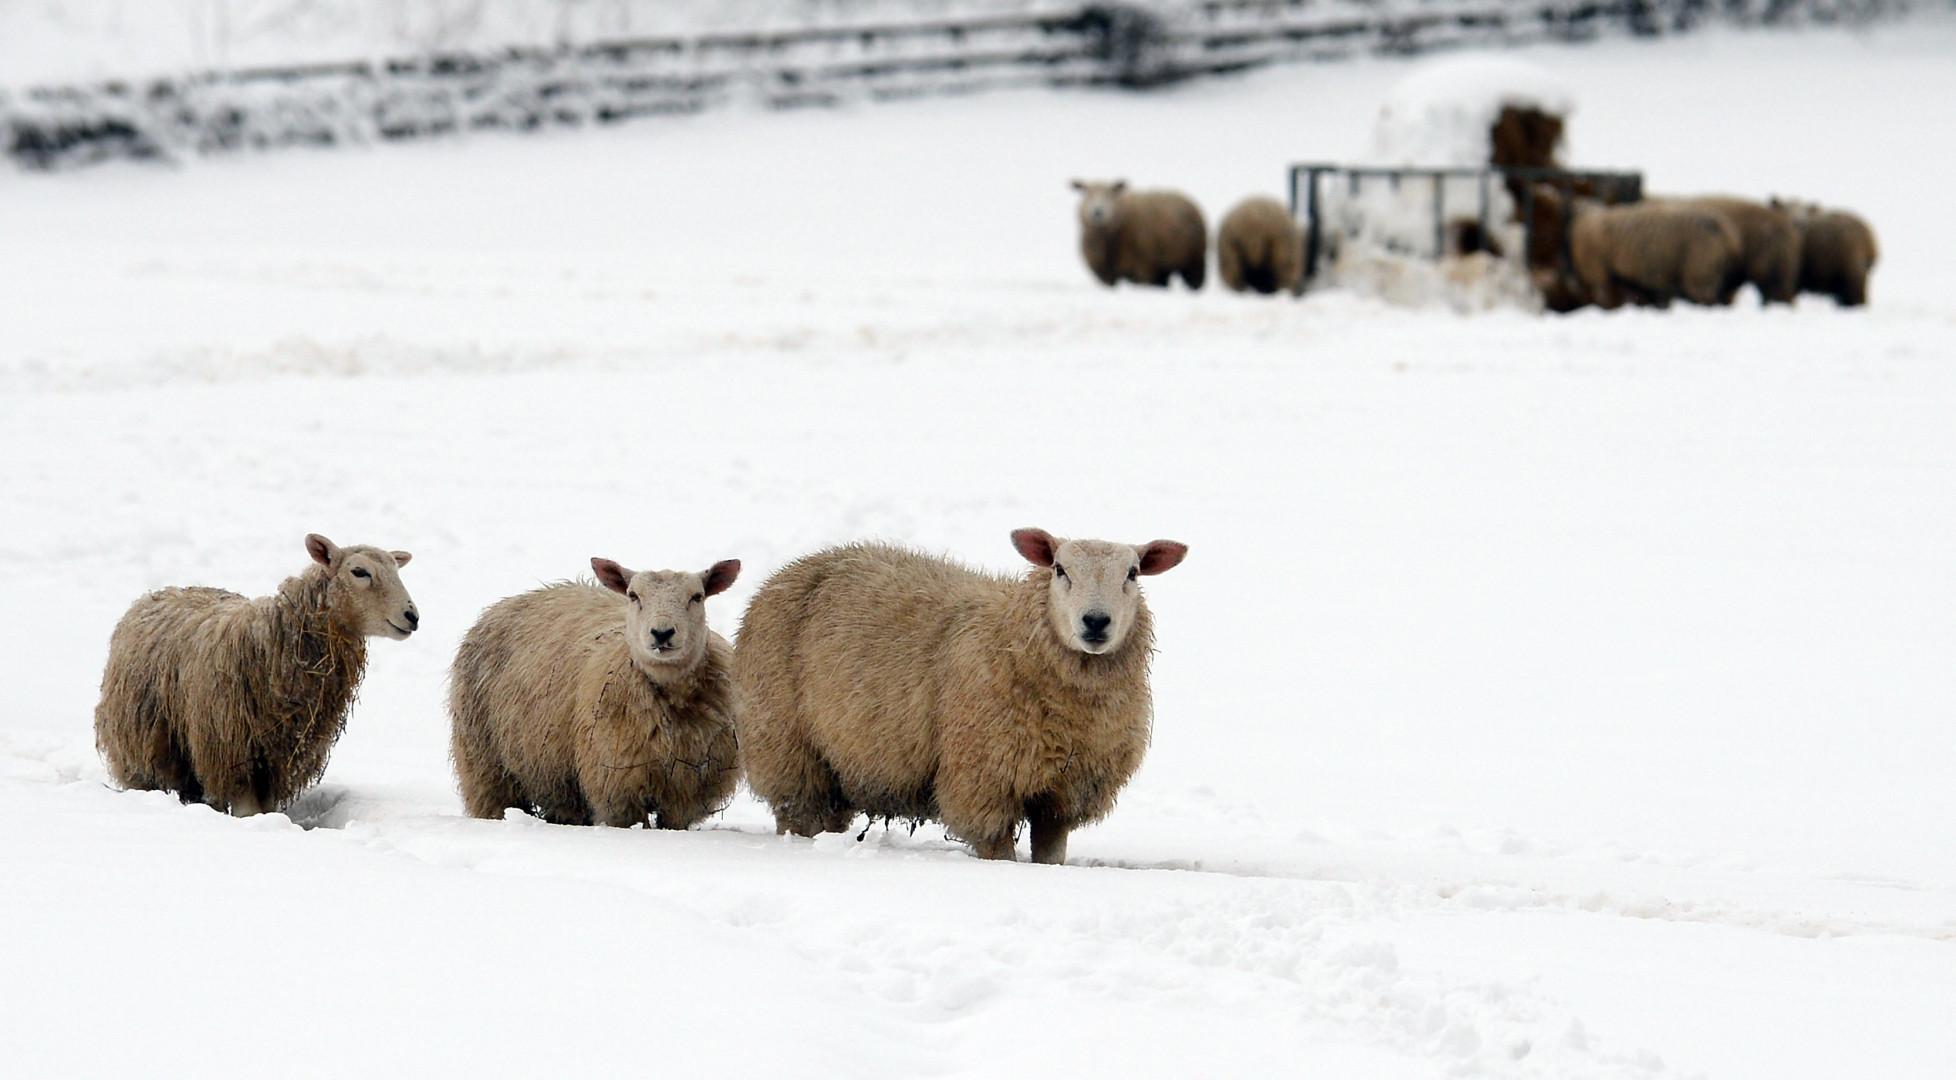 En décembre 2014, dans le comté de Conwy (Pays de Galles), le professeur Gordon Blair, de l'université de Lancaster, a équipé des moutons d'un collier high-tech les transformant en hotspots WiFi mobiles. Le but était d'apporter Internet en rase campagne.